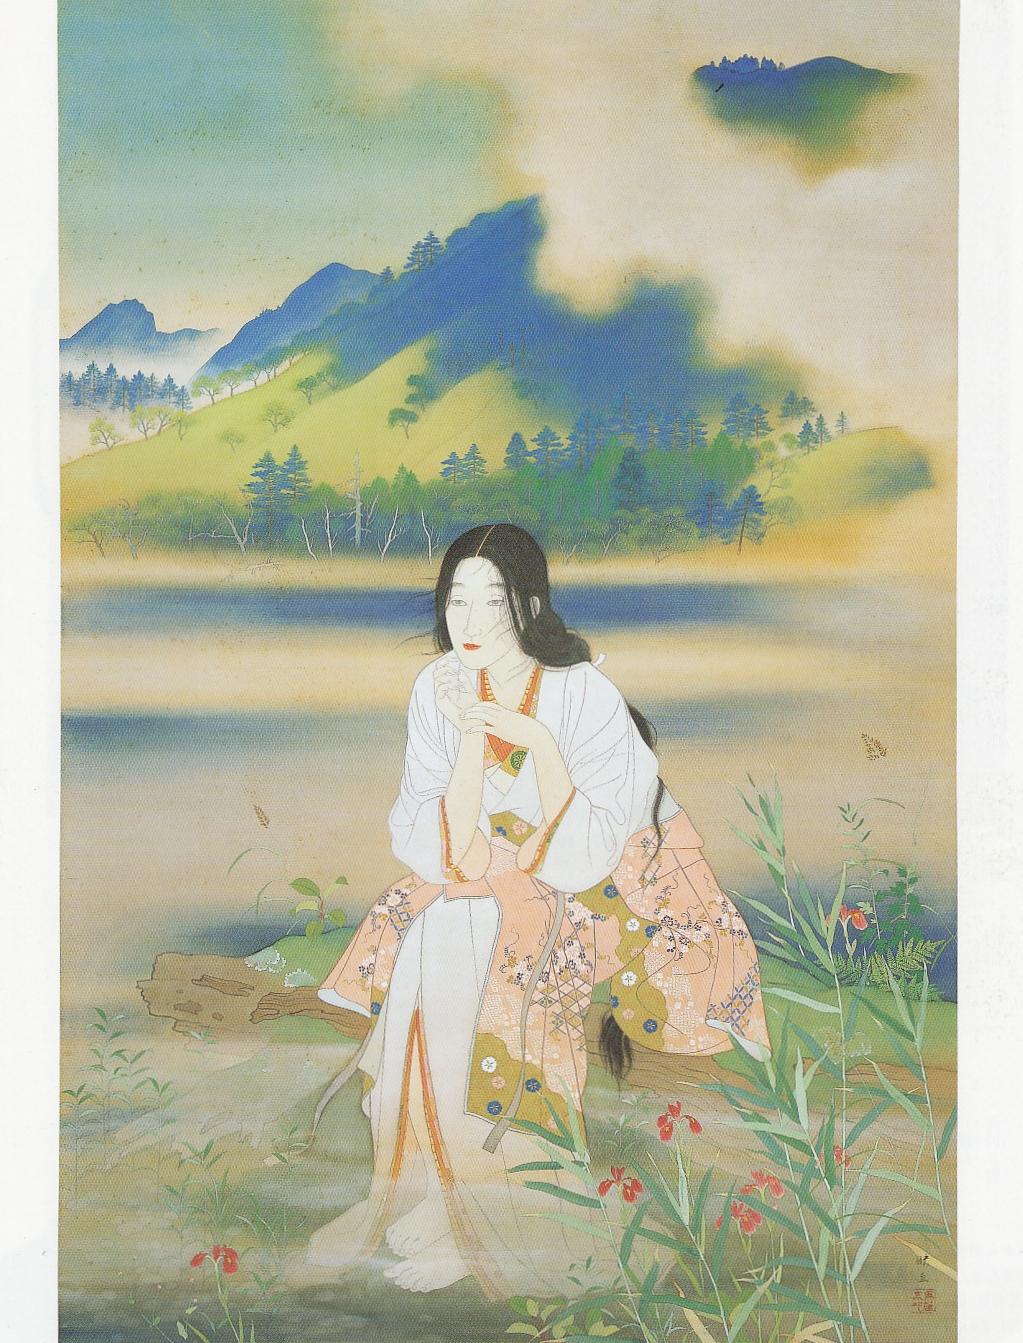 近代日本美術の煌き! 1925年(大正14) その一: いづつやの文化記号